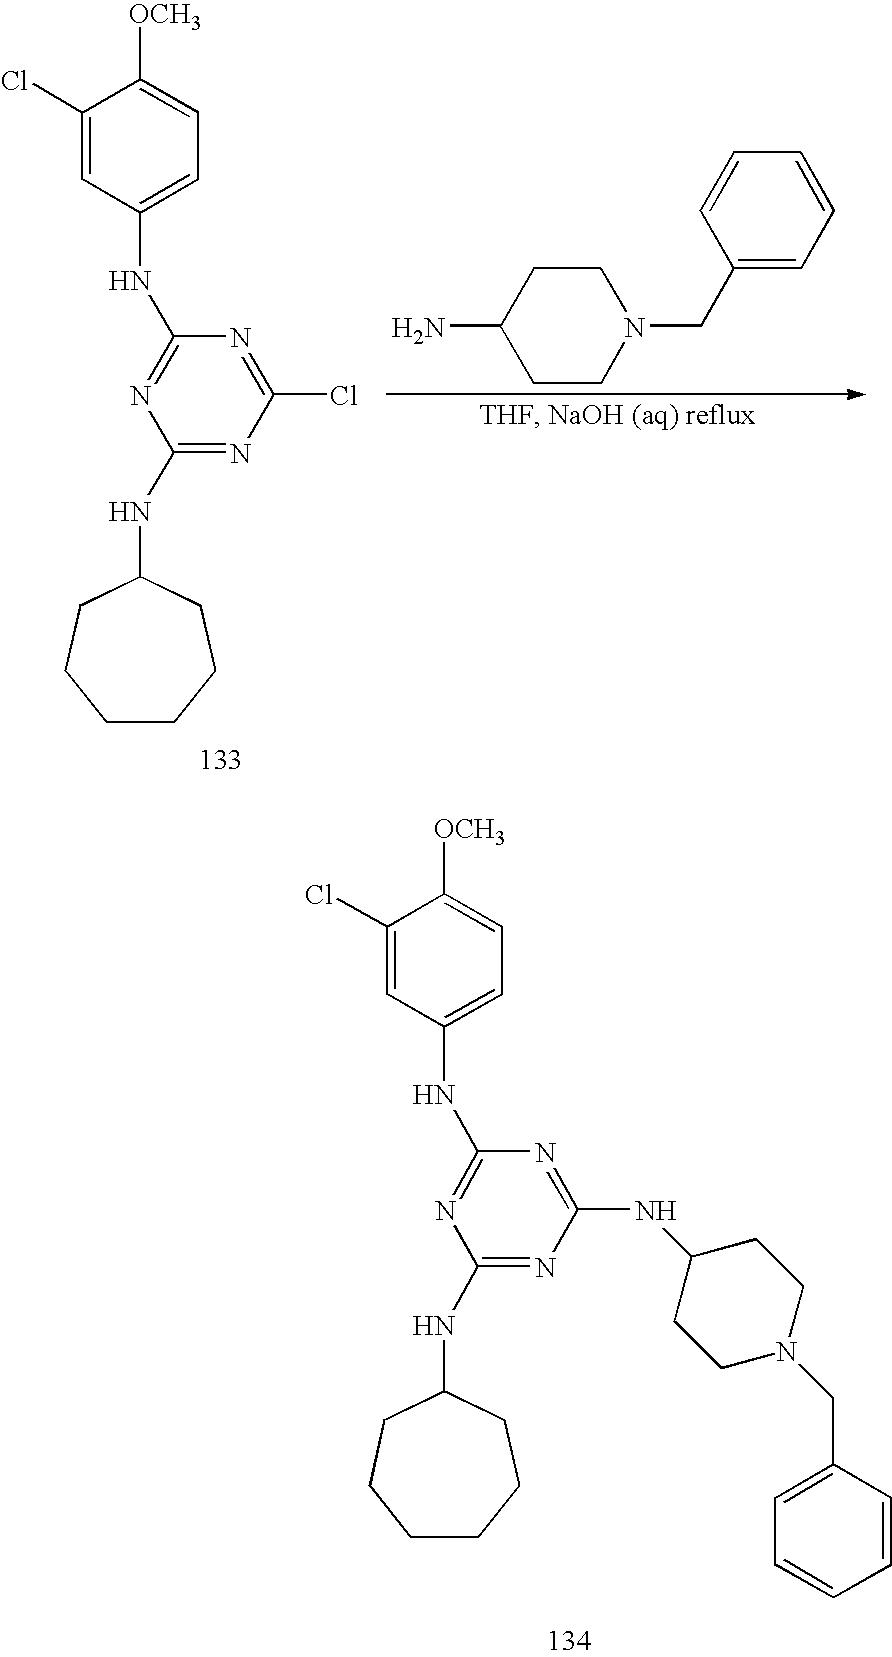 Figure US20050113341A1-20050526-C00203